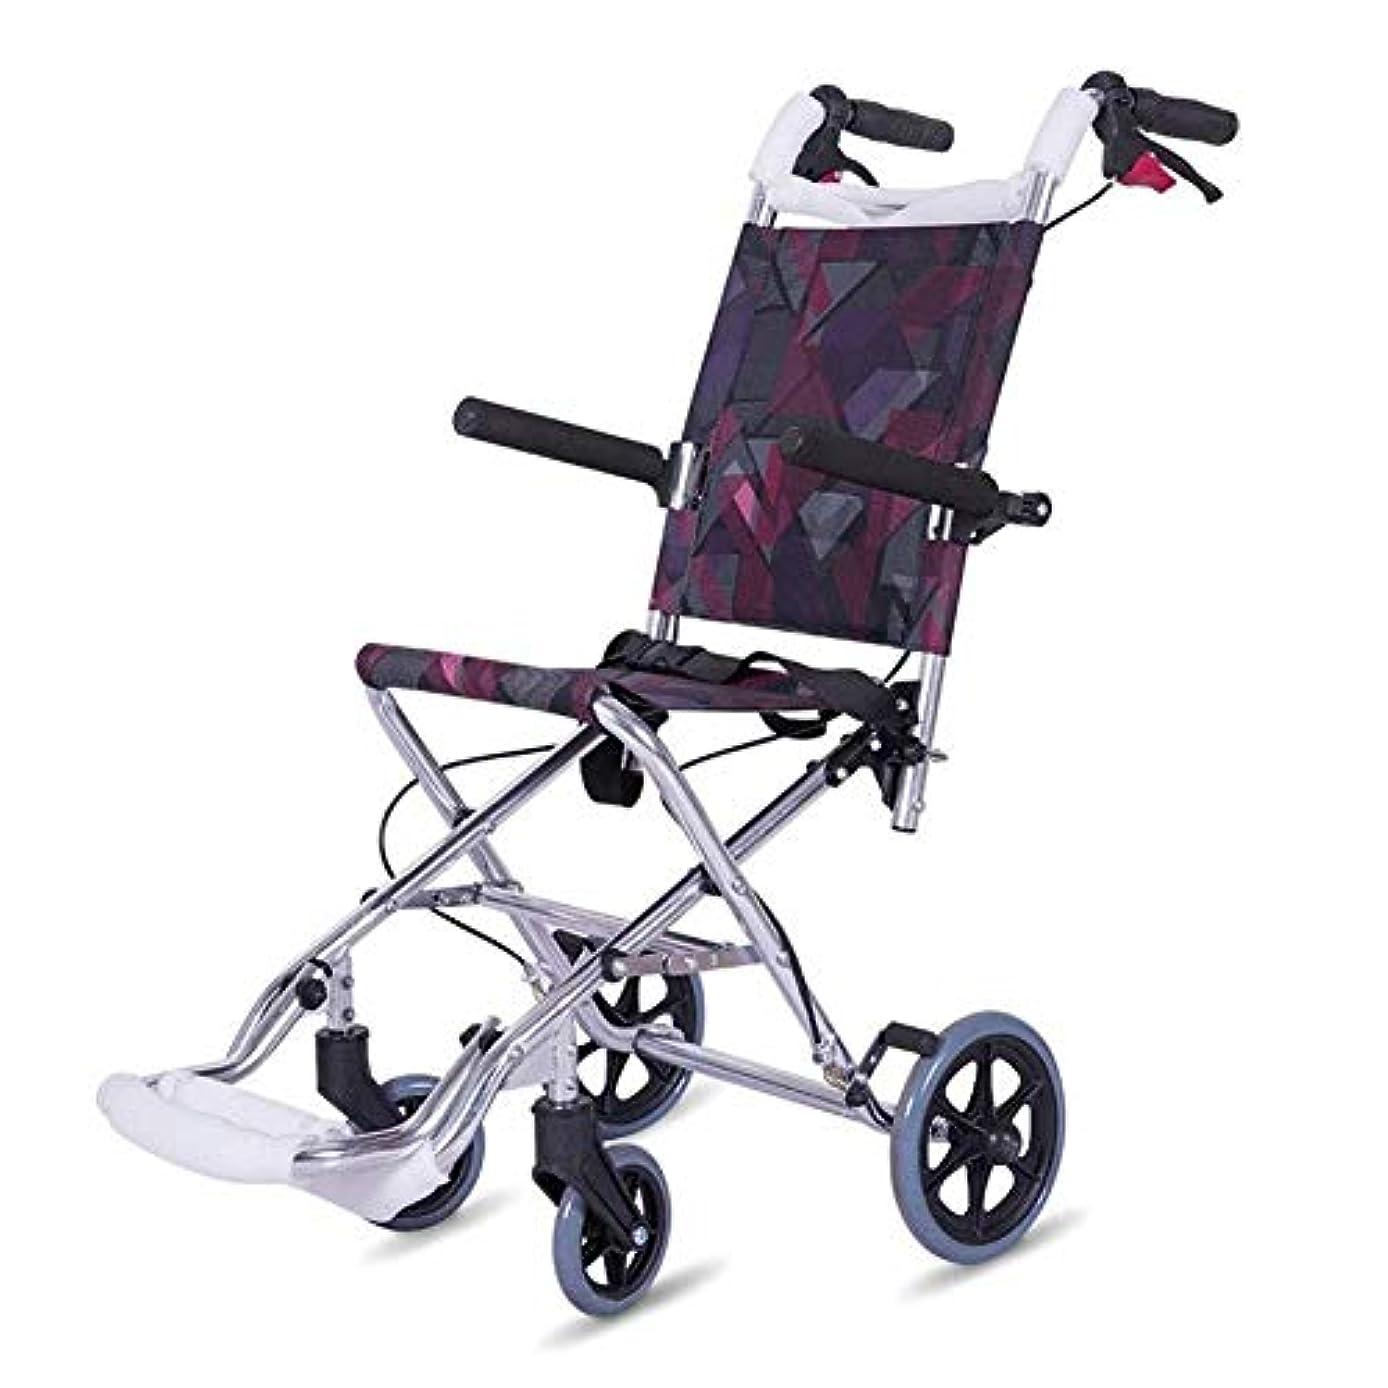 教える降ろすファイナンスアルミ合金超軽量ポータブル子供車椅子